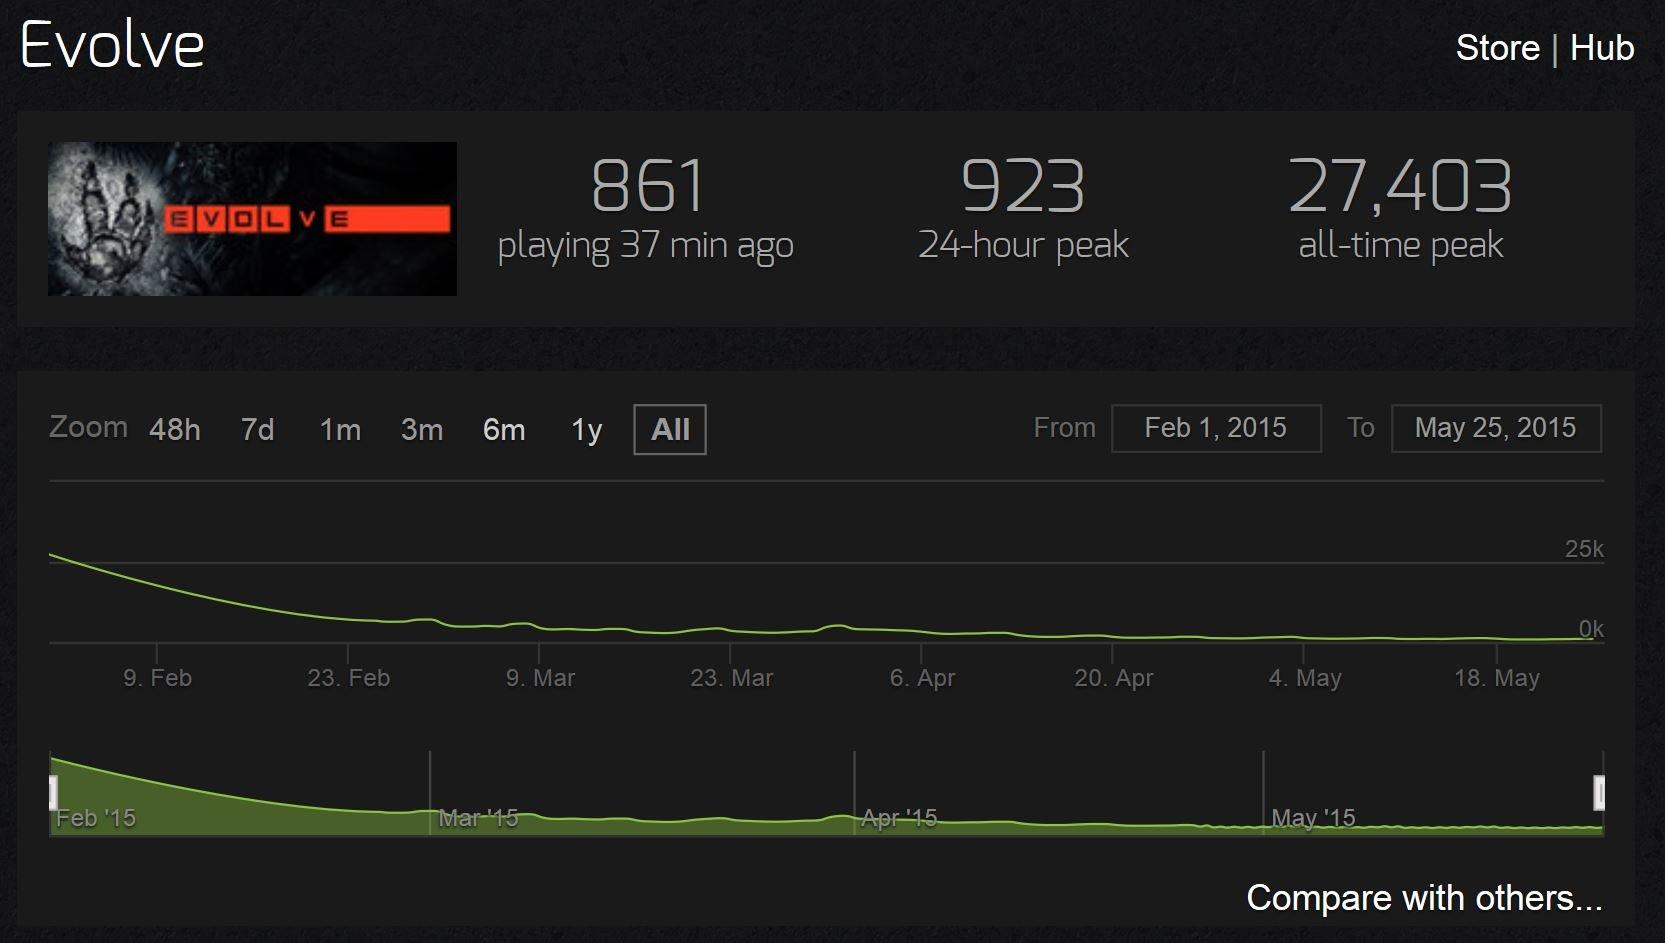 Die Spielerzahlen von Evolve sinken seit Verkaufsstart stetig